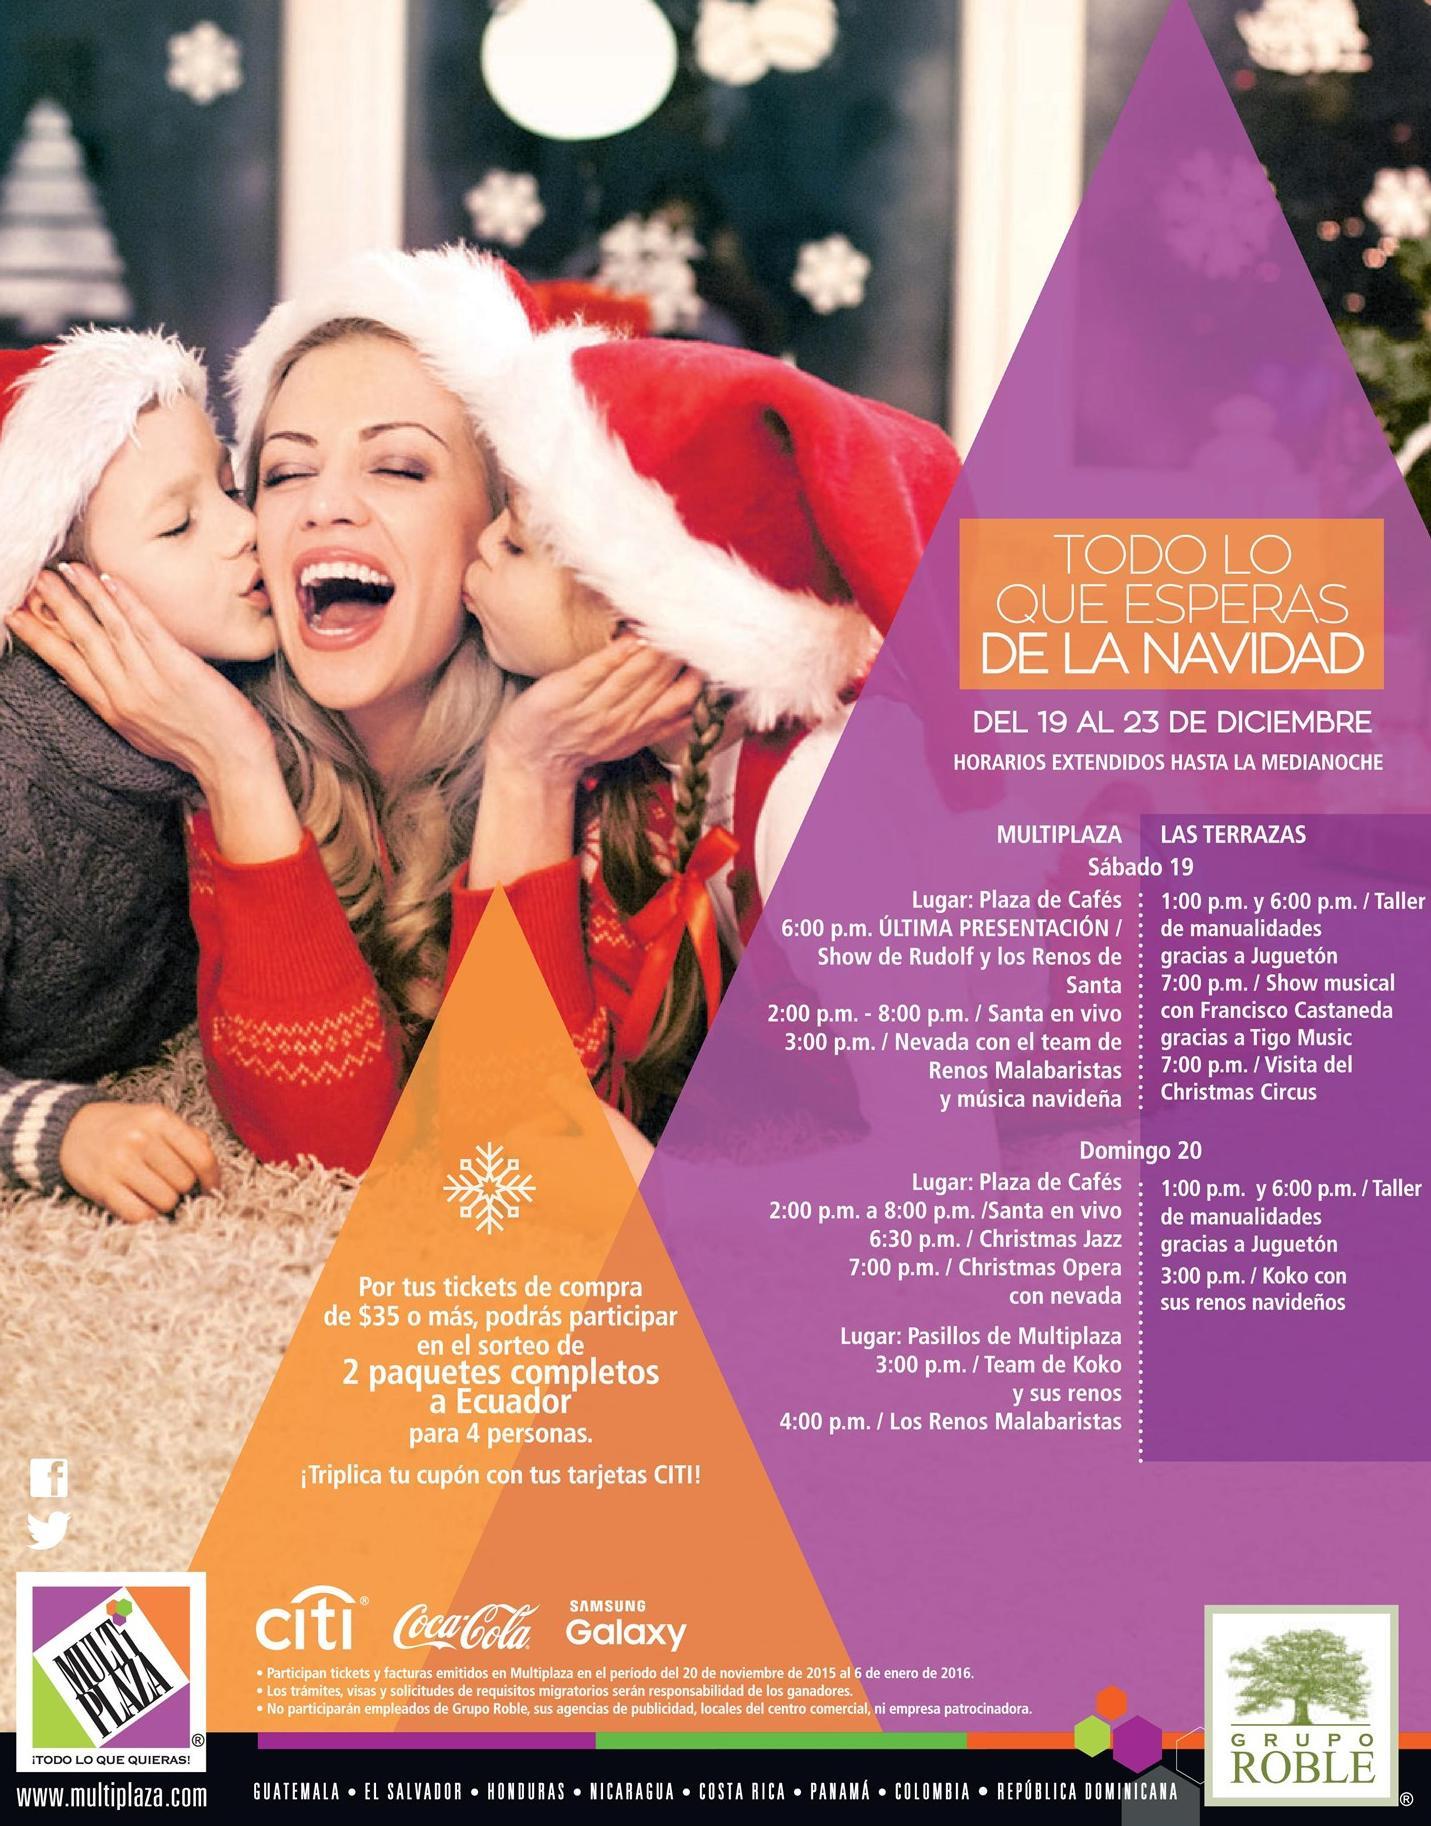 Christmas show at MULTIPLZA el salvador